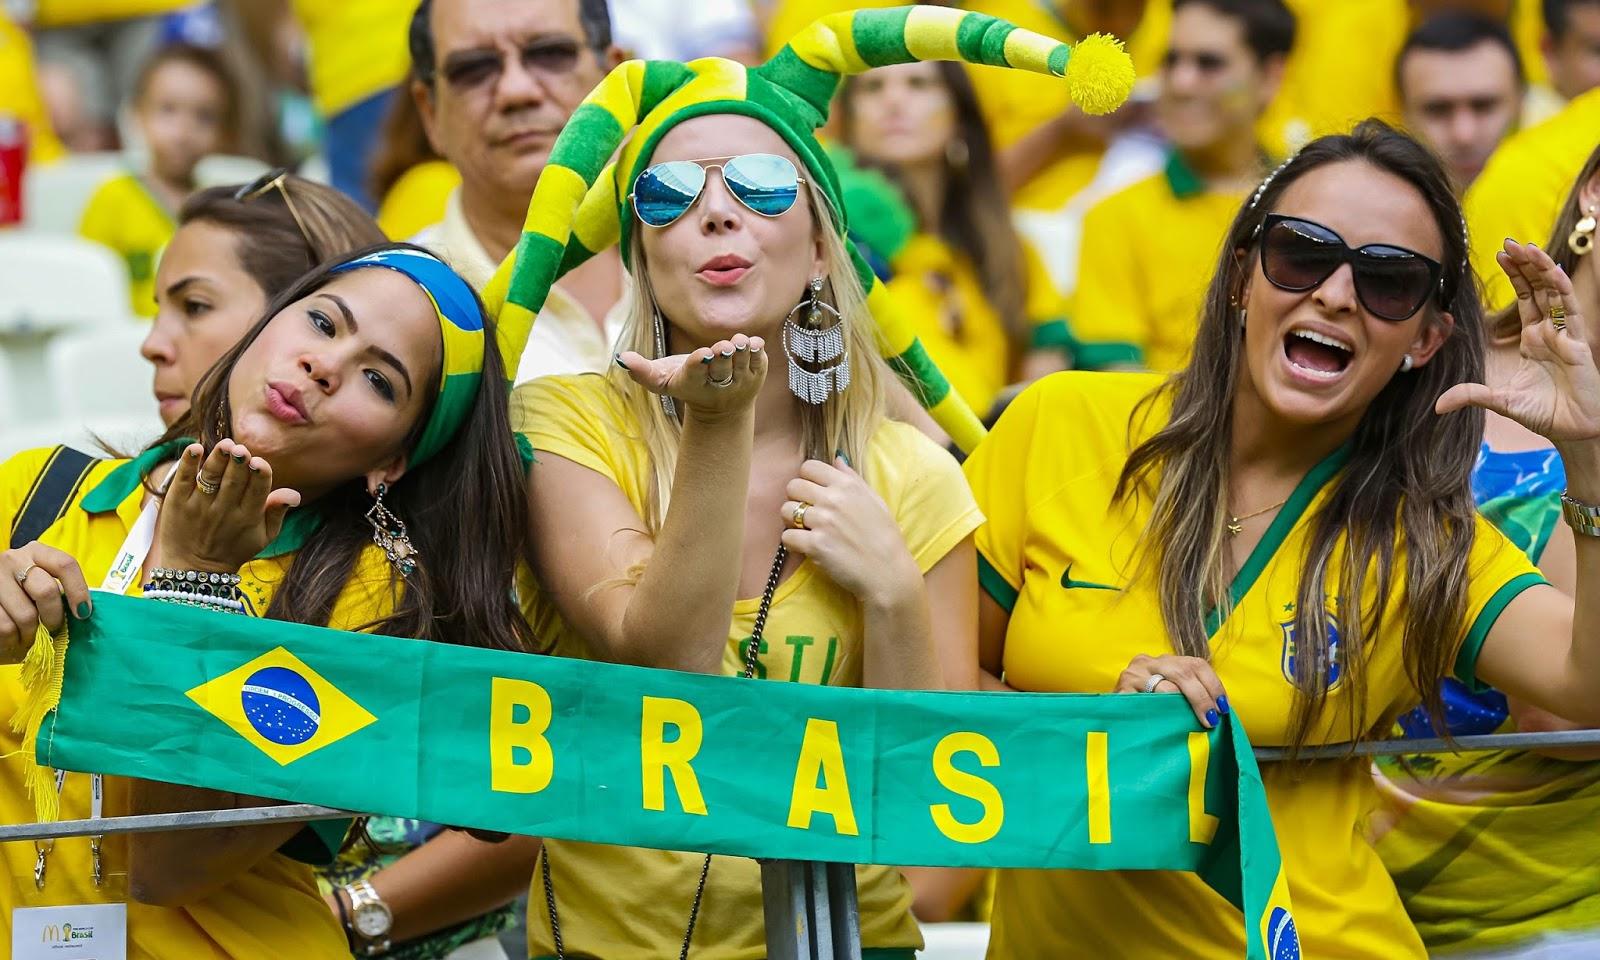 بالصور بنات البرازيل , اجمل جميلات بنات البرازيل قمه فى الروعه 4970 6